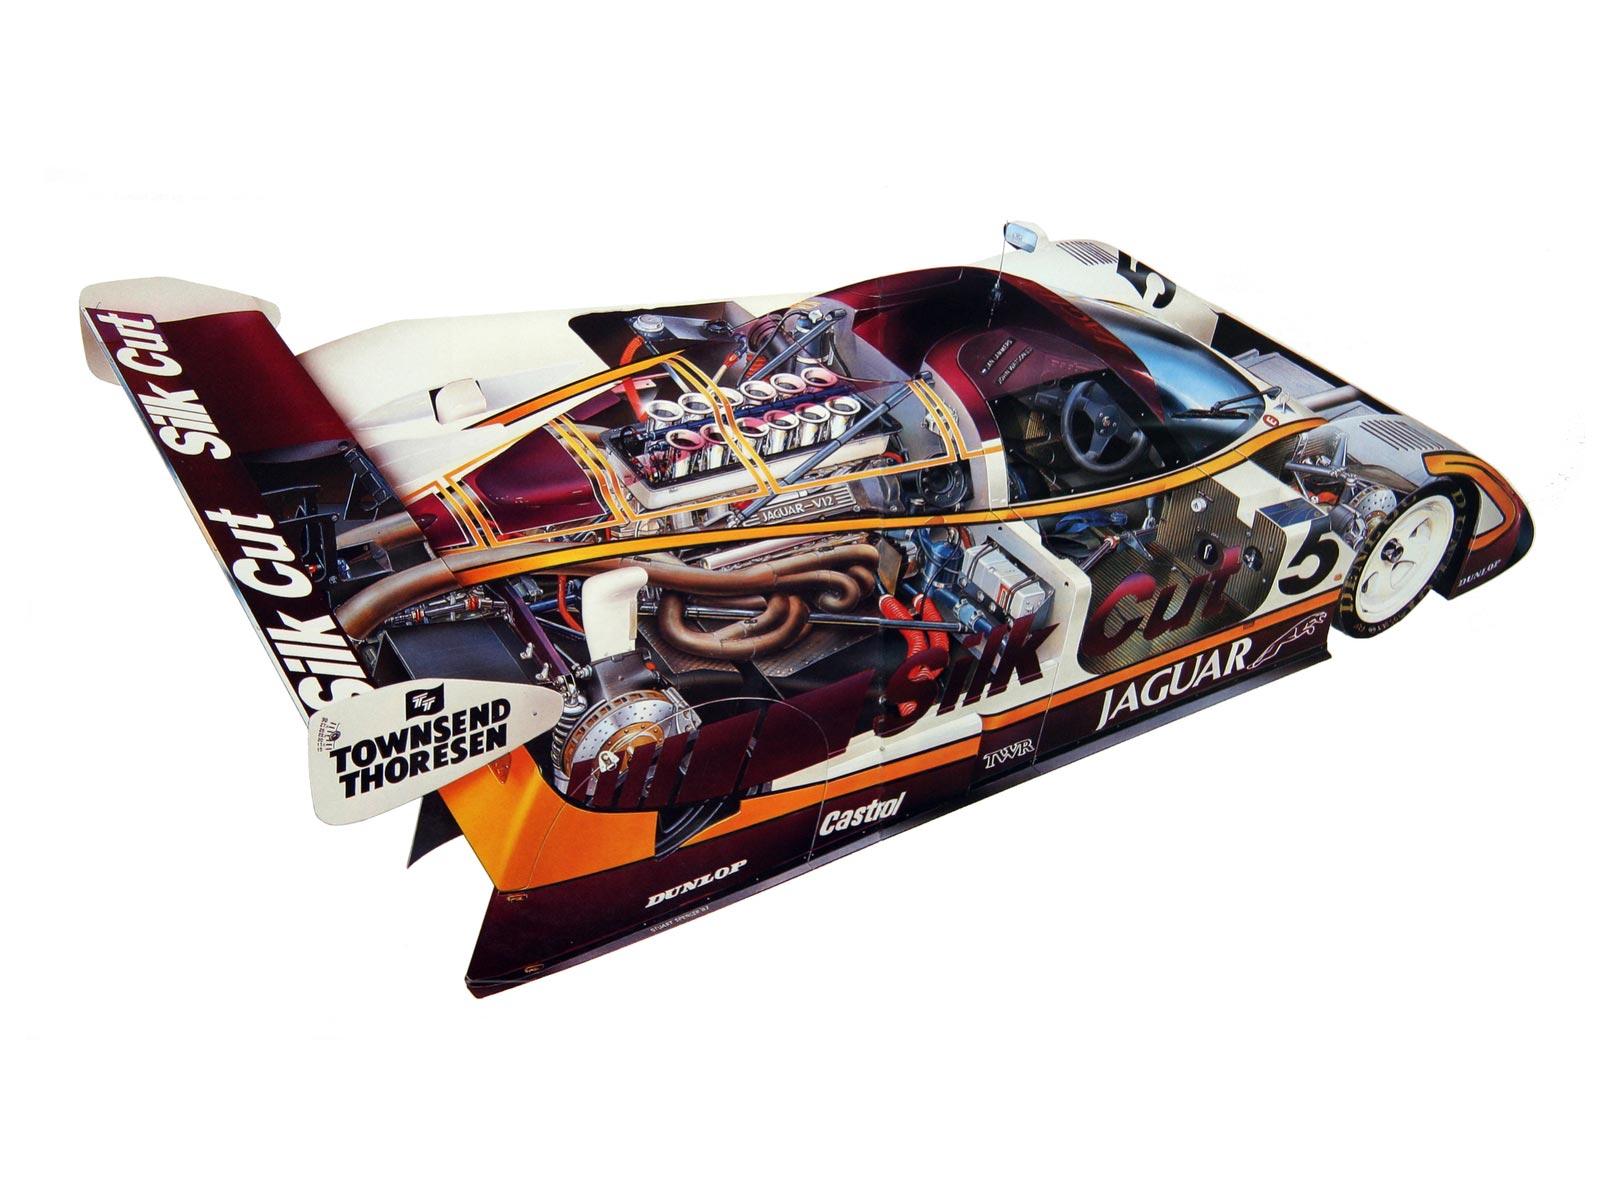 Jaguar XJR9 cutaway drawing